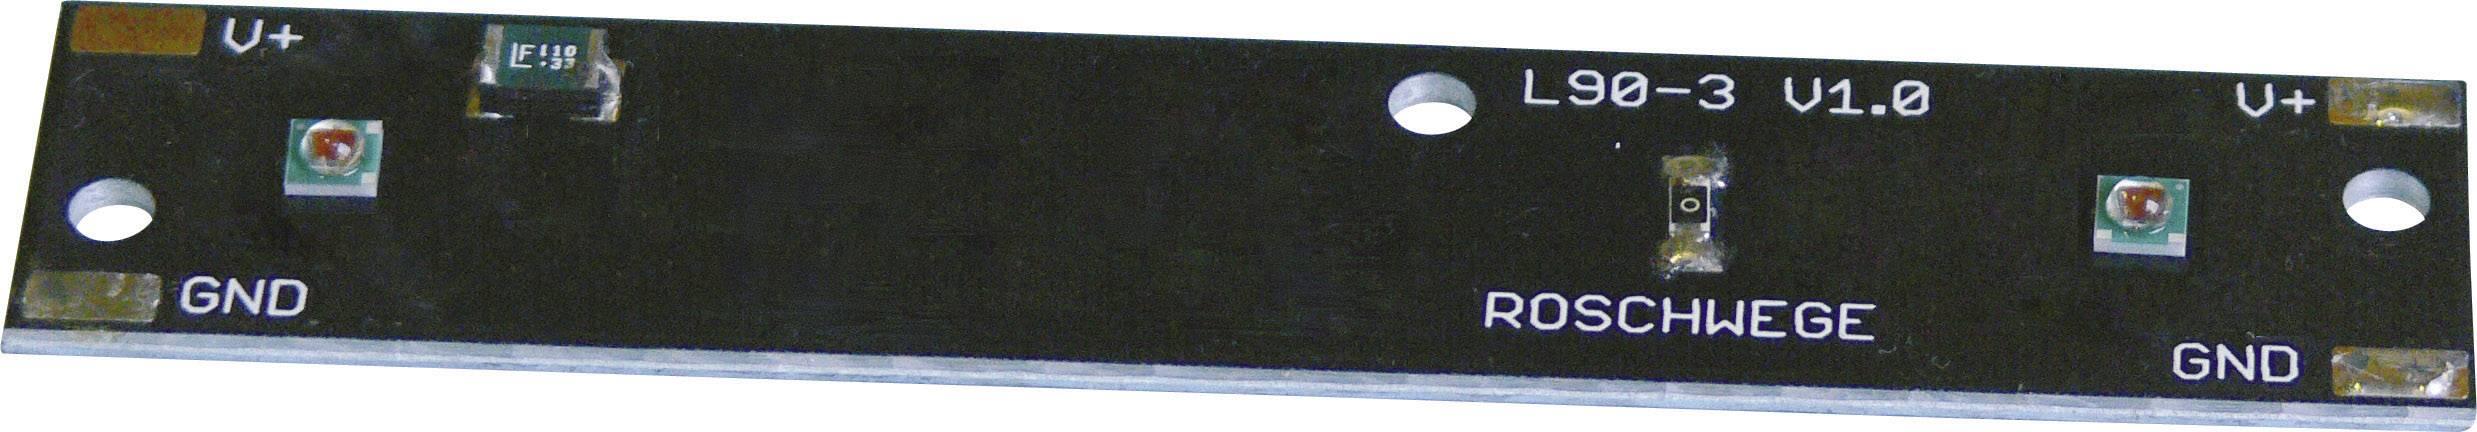 HighPower LED-lišta Roschwege 188 lm, teplá biela